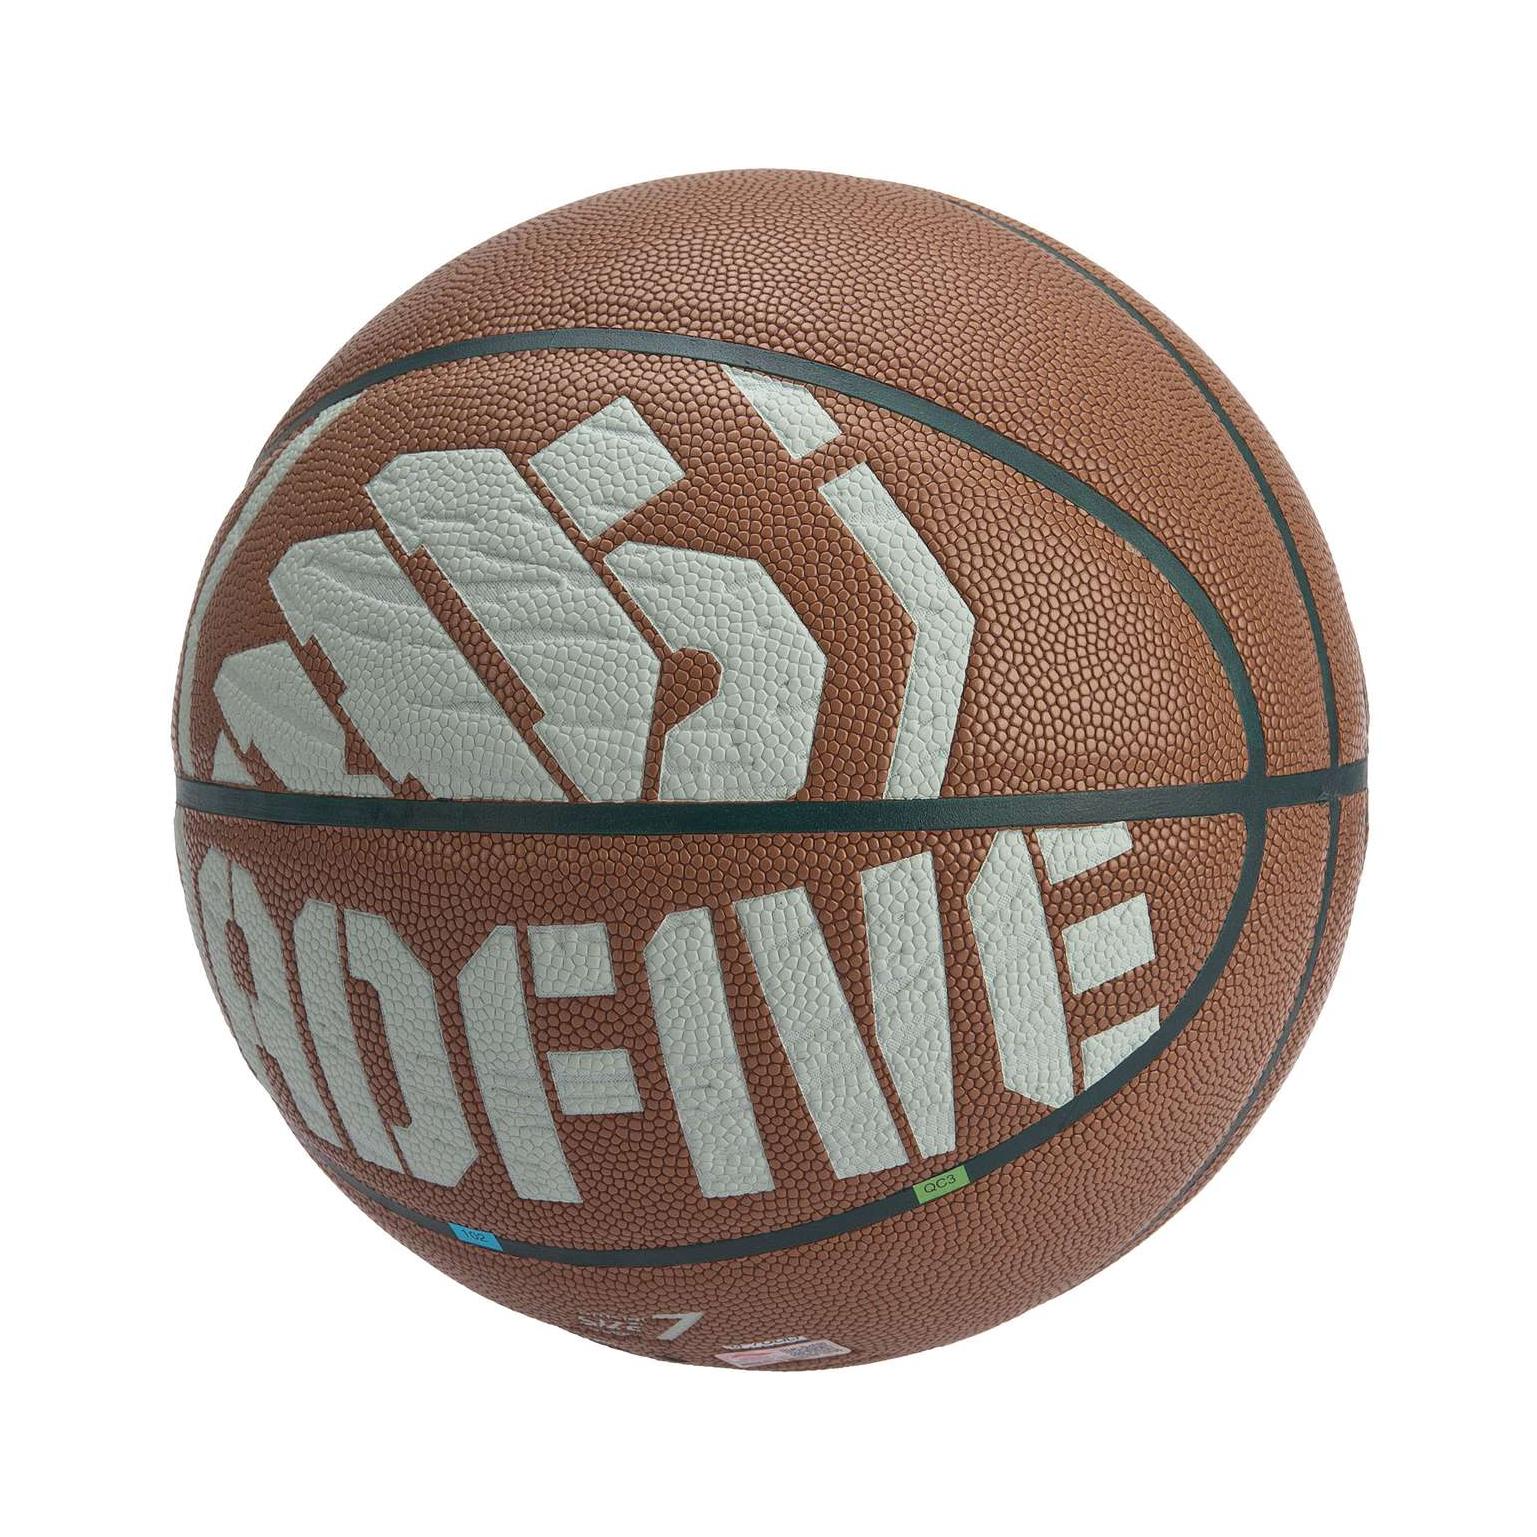 李宁 反伍系列 7号PU篮球 ABQE338